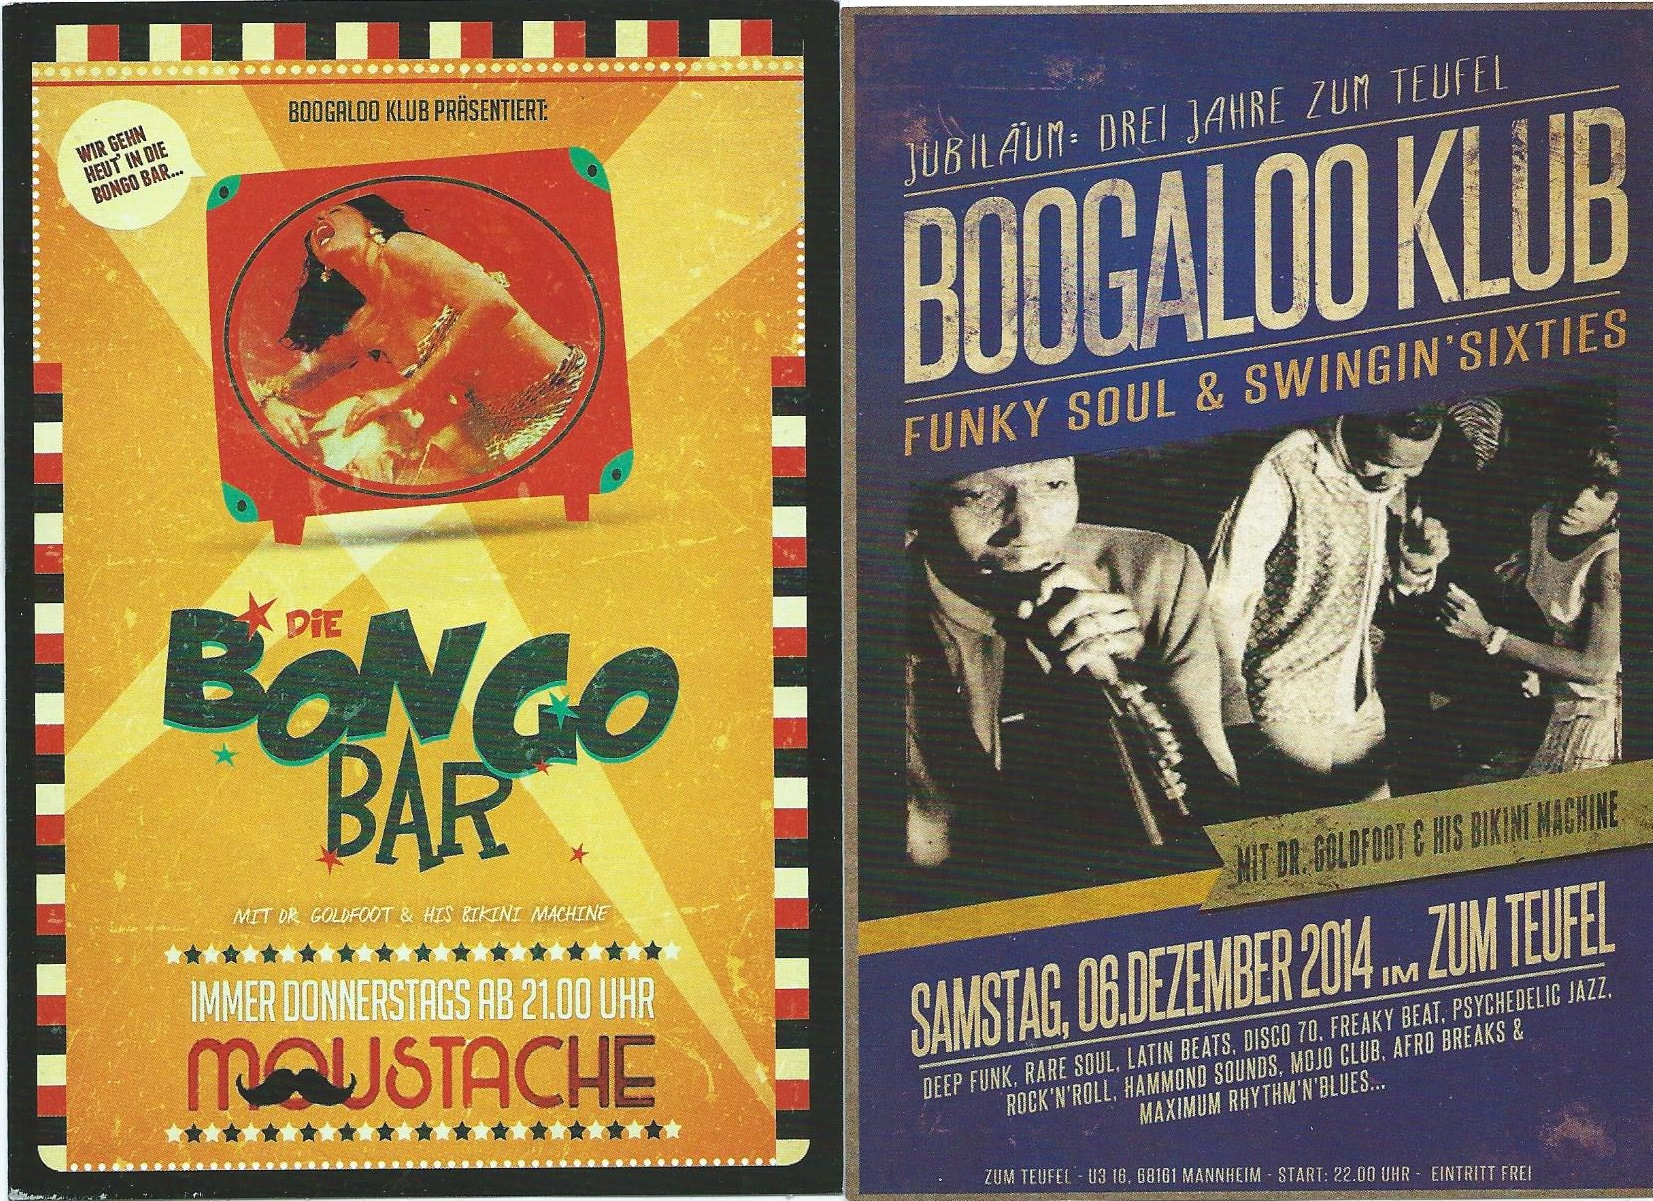 boogaloo_bongo